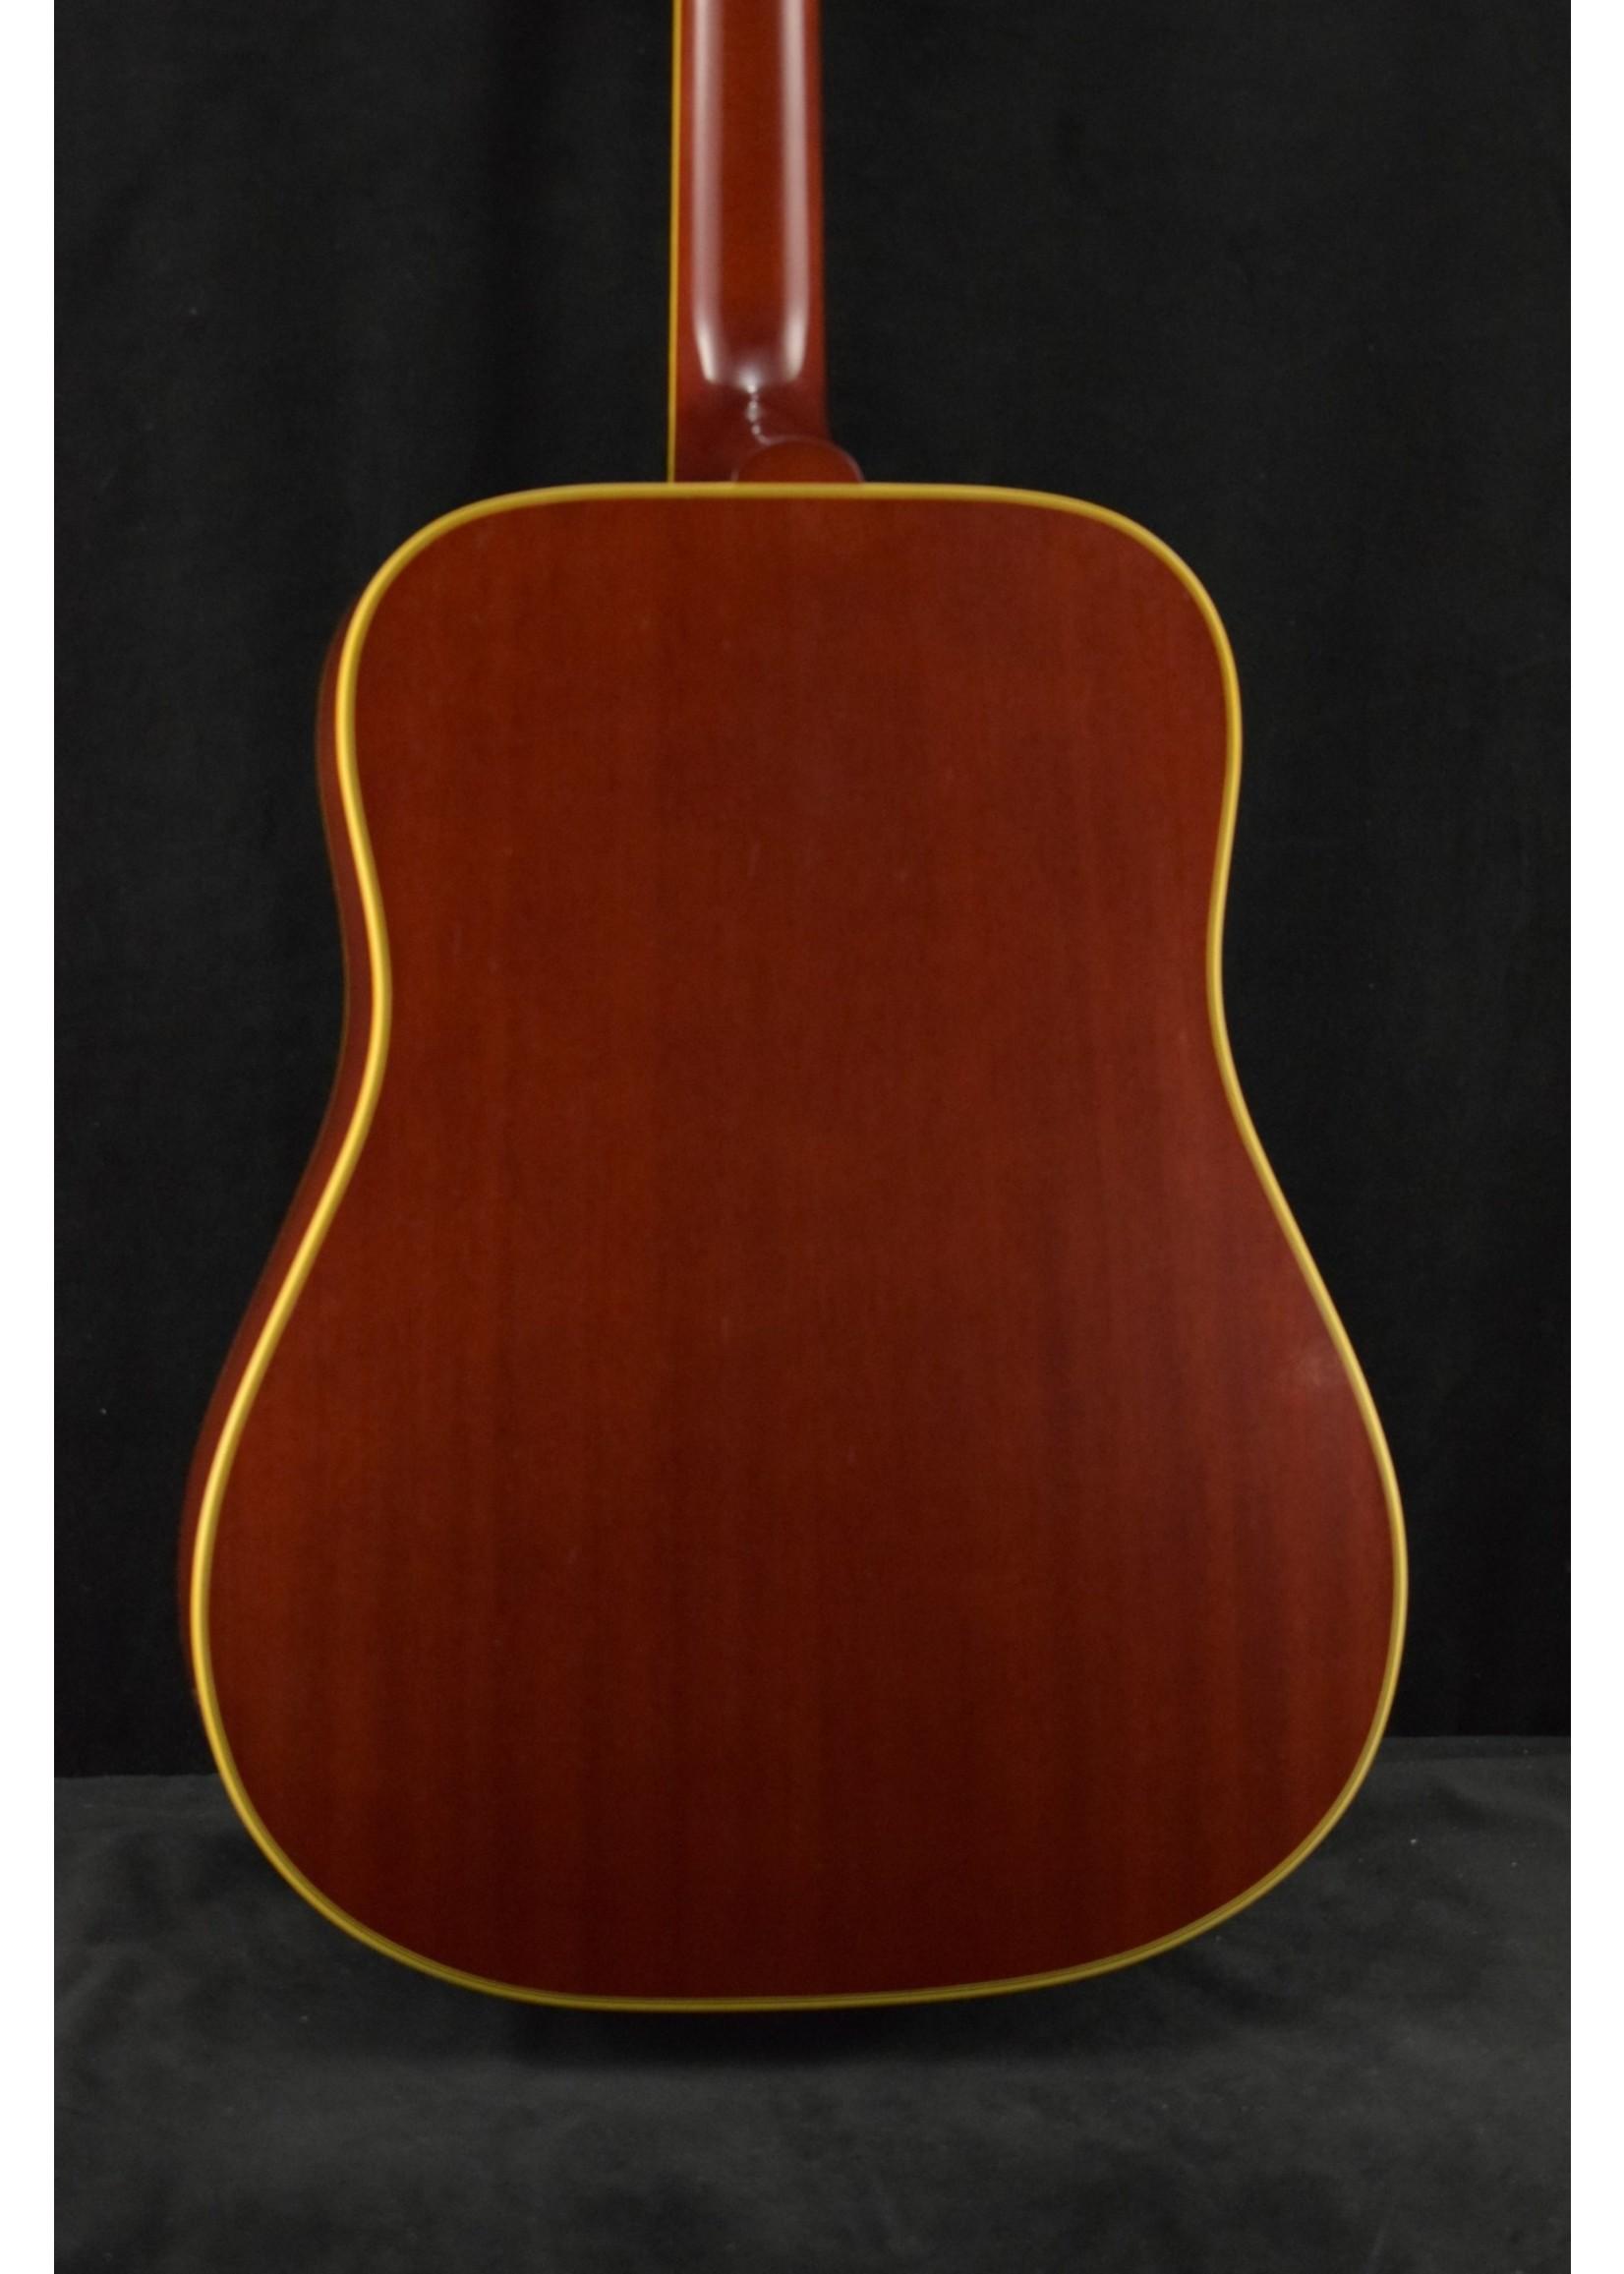 Gibson Gibson 1960 Hummingbird Fixed Bridge Heritage Cherry Sunburst